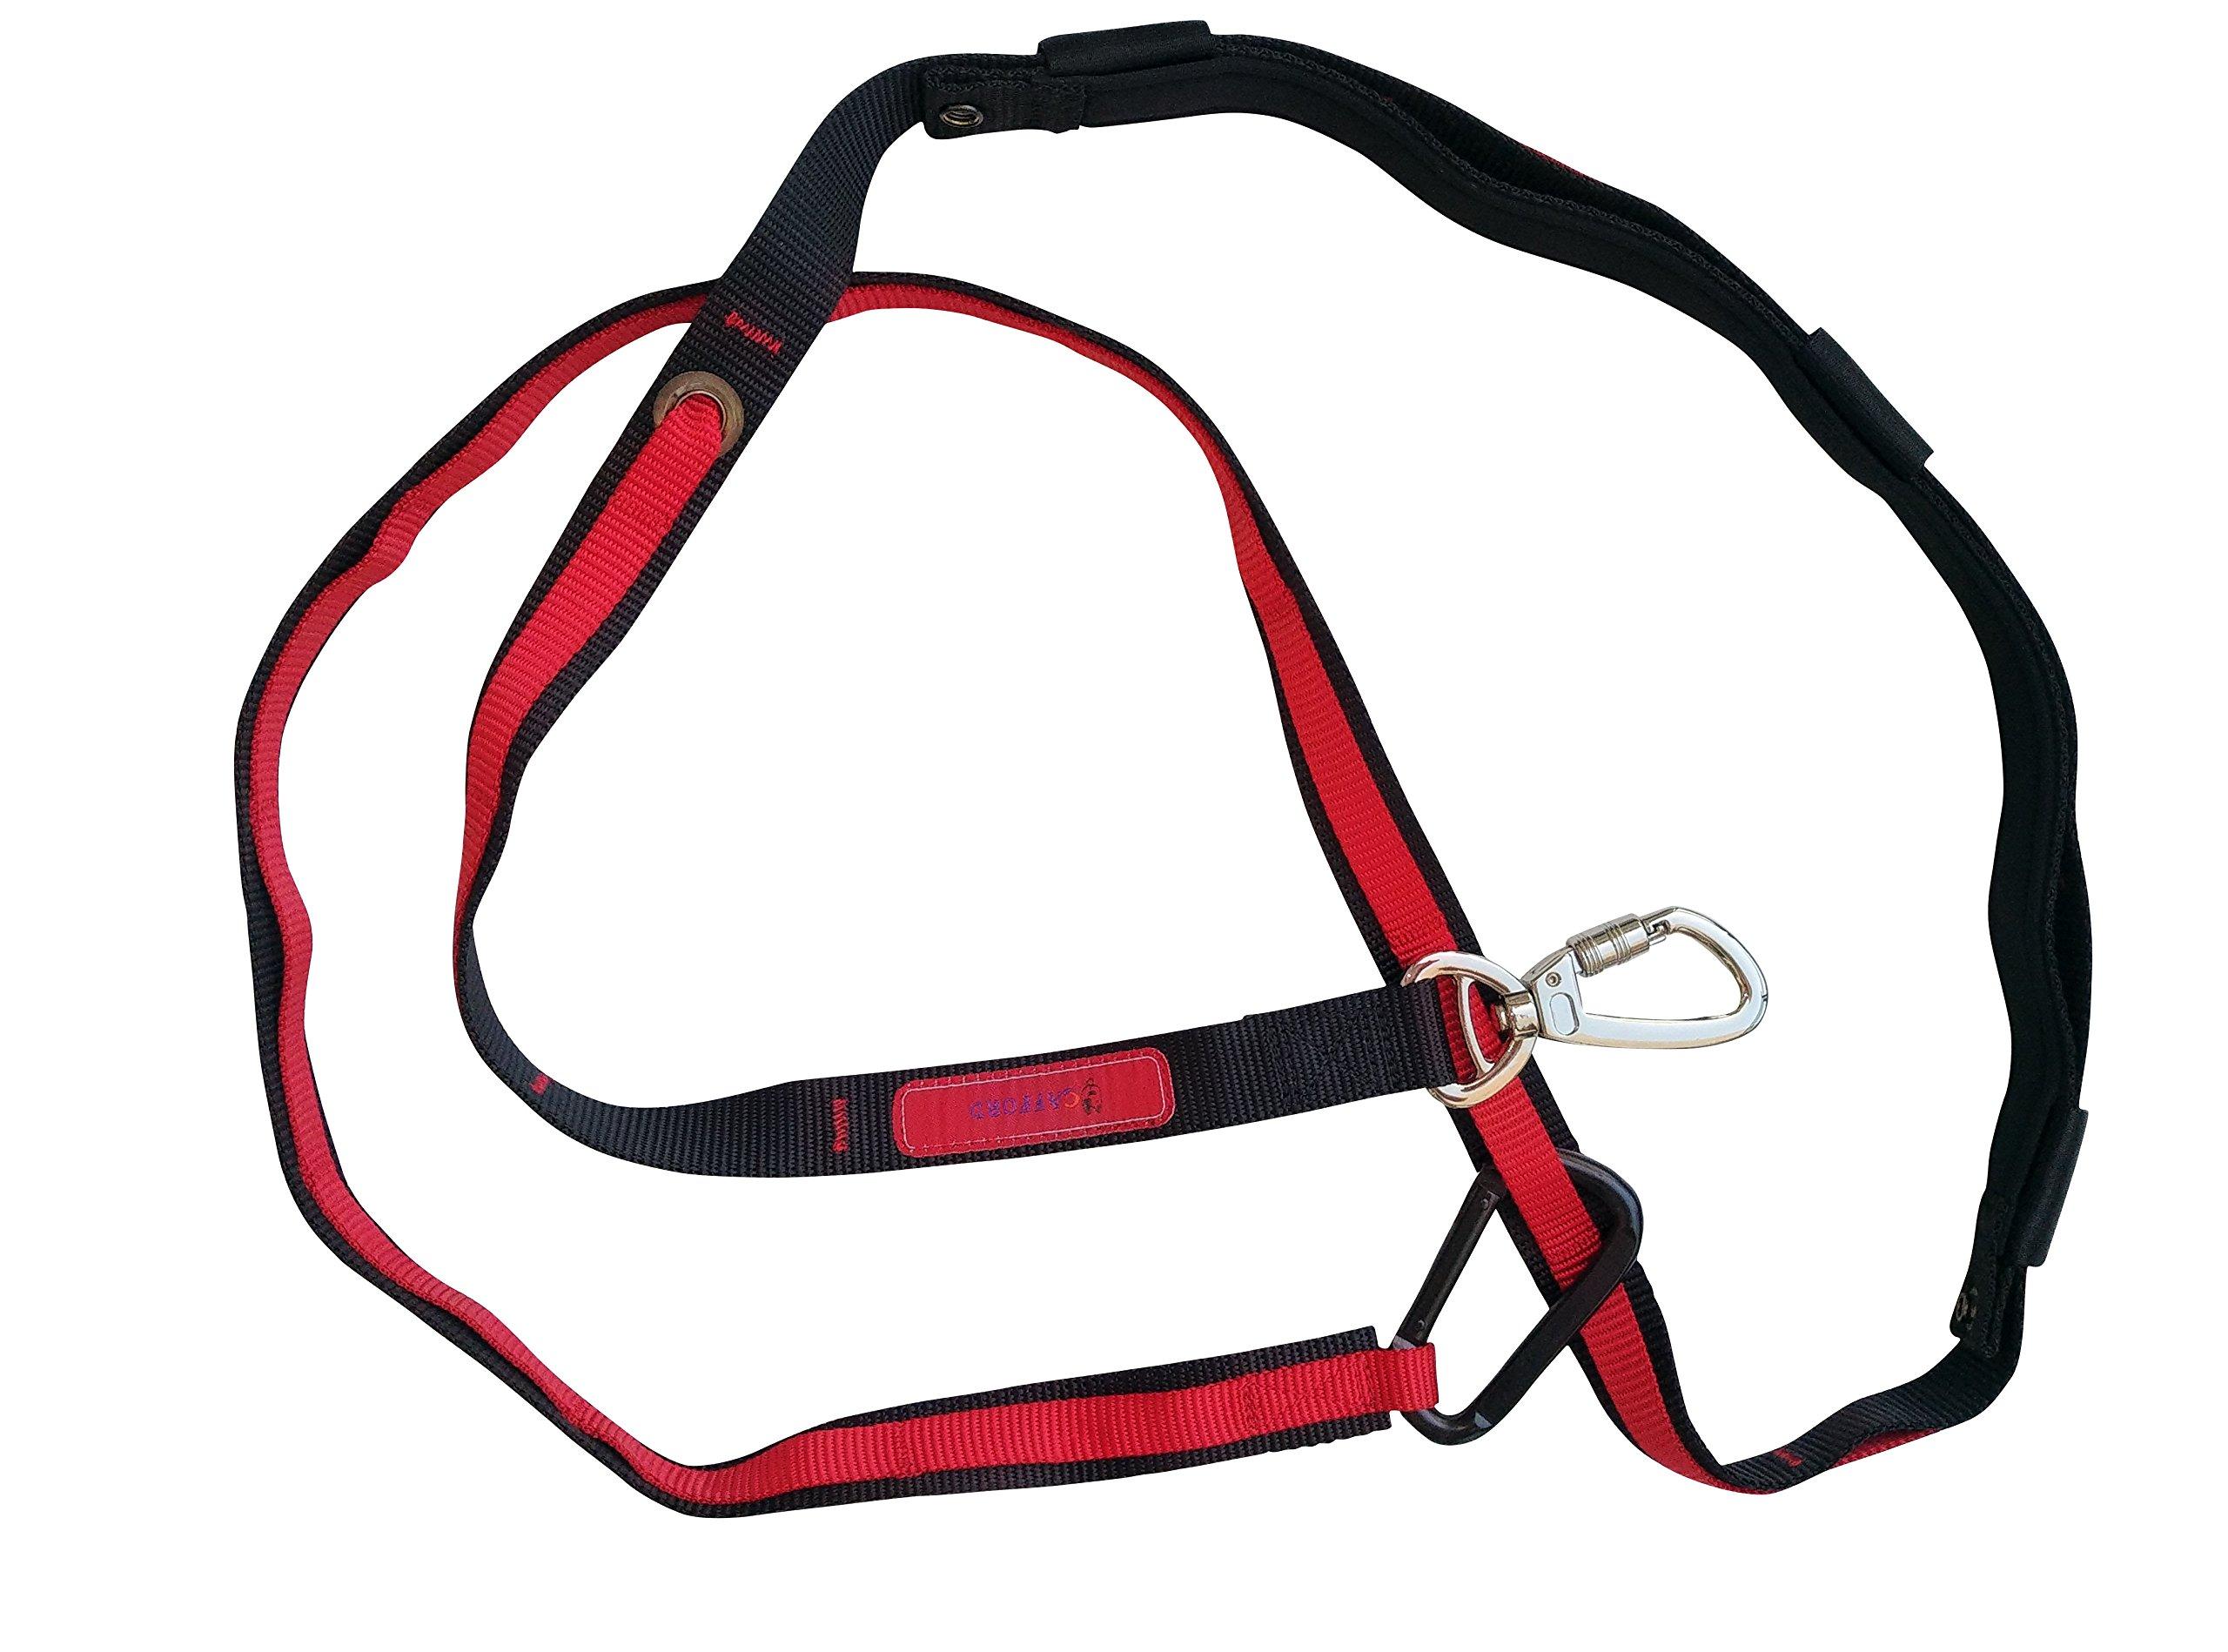 Cafford Multifunctional 6-in-1 Hands Free Dog Leash - Sturdy Clip - Heavy Duty Dog Training Leash (Red)